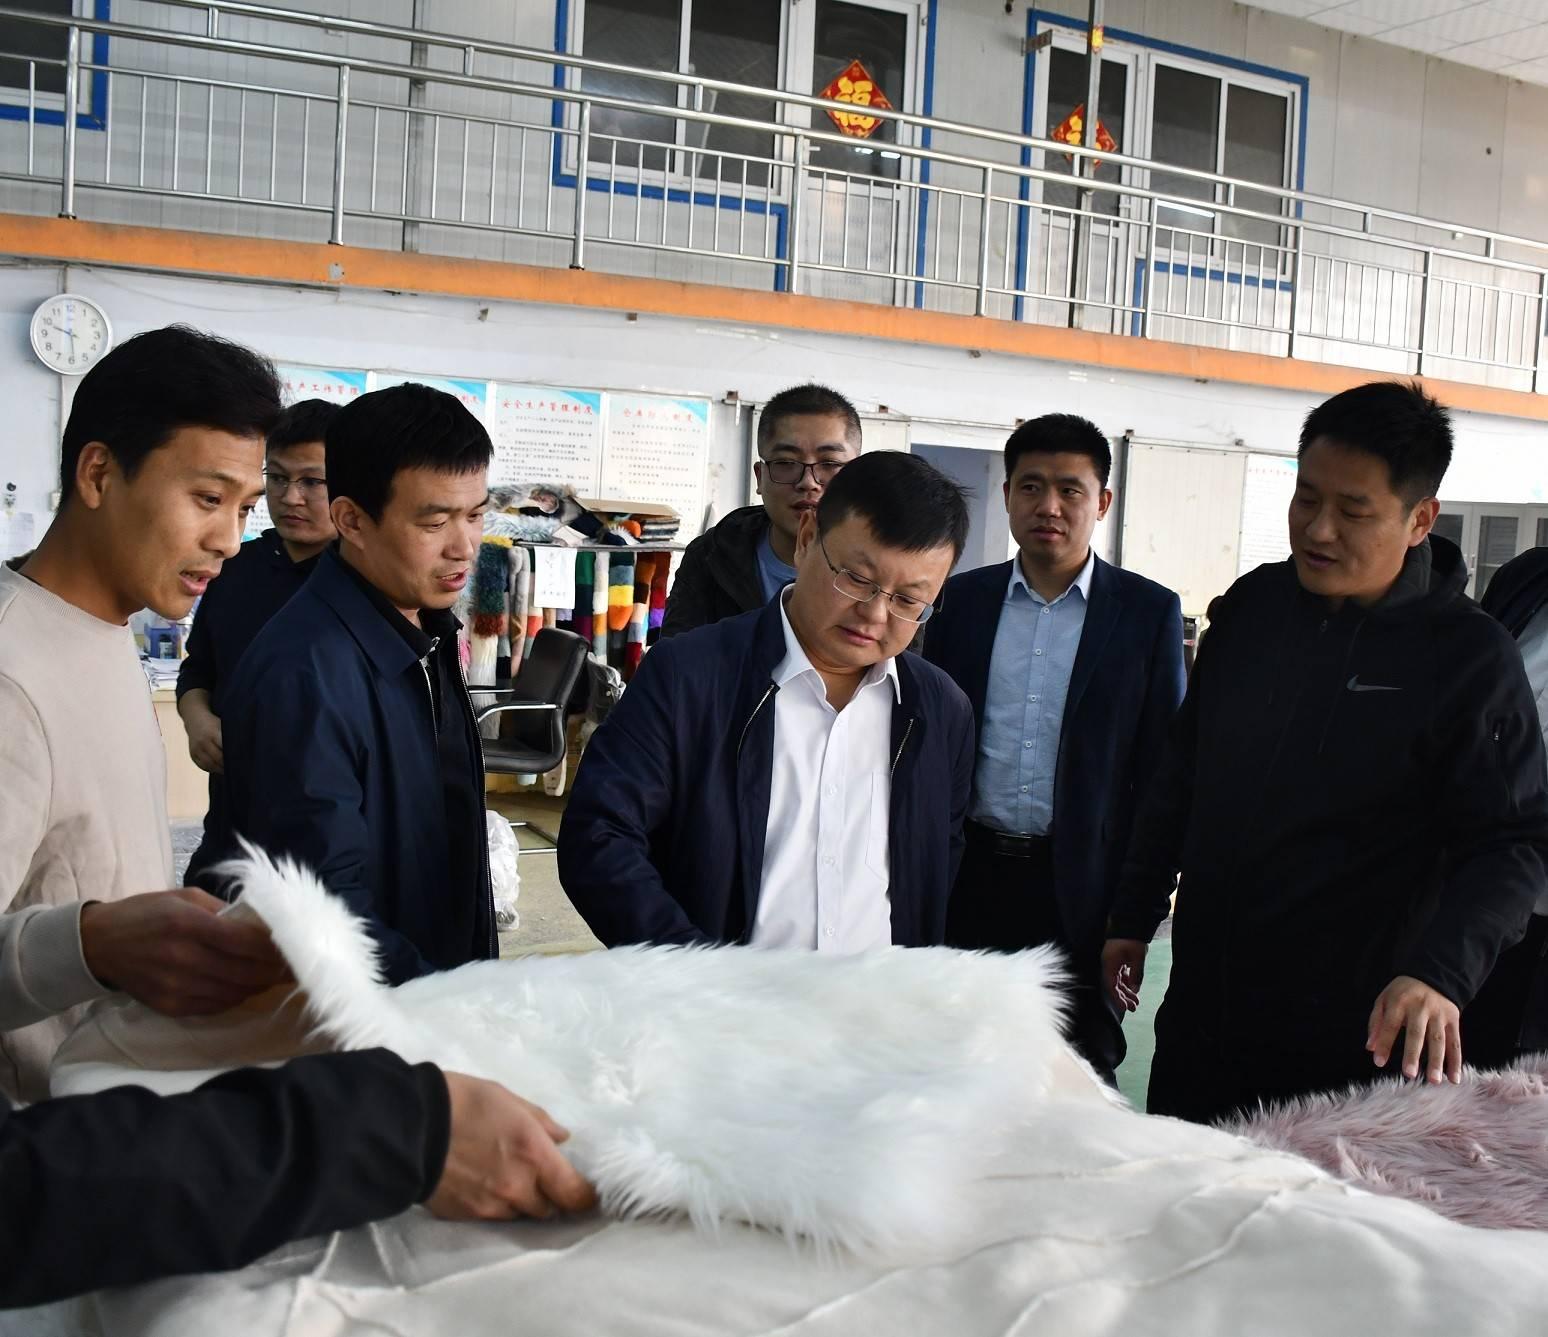 朱继坤市长实地走访调研企业运行